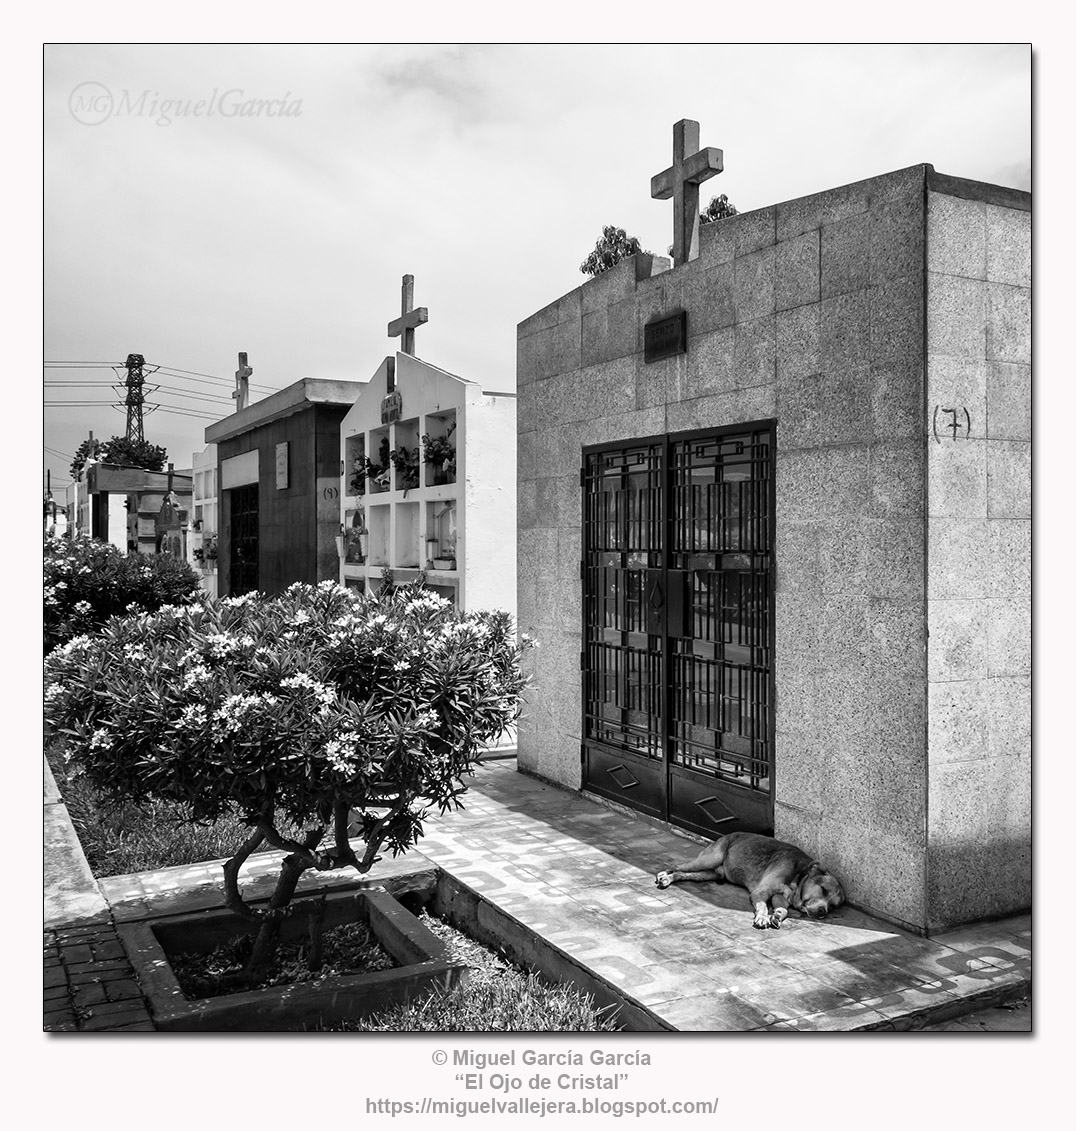 Cementerio de Surco Viejo, Lima (Perú)